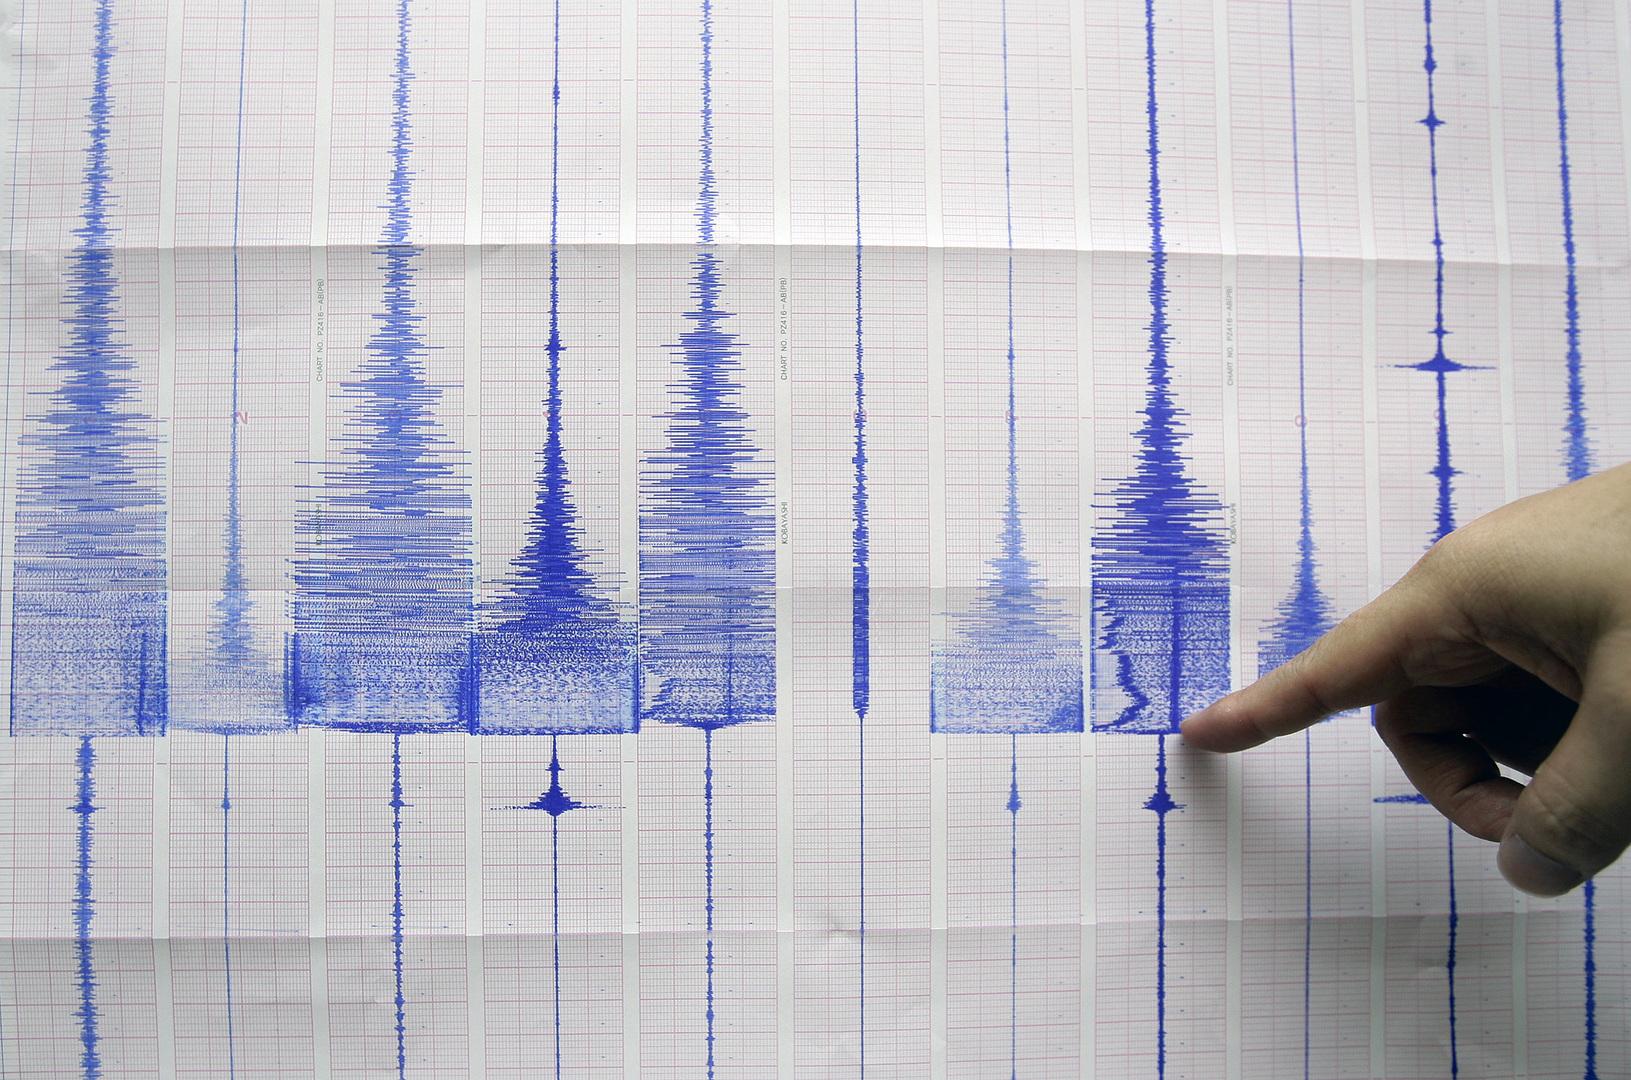 زلزال بقوة 6.9 درجة يضرب اليونان